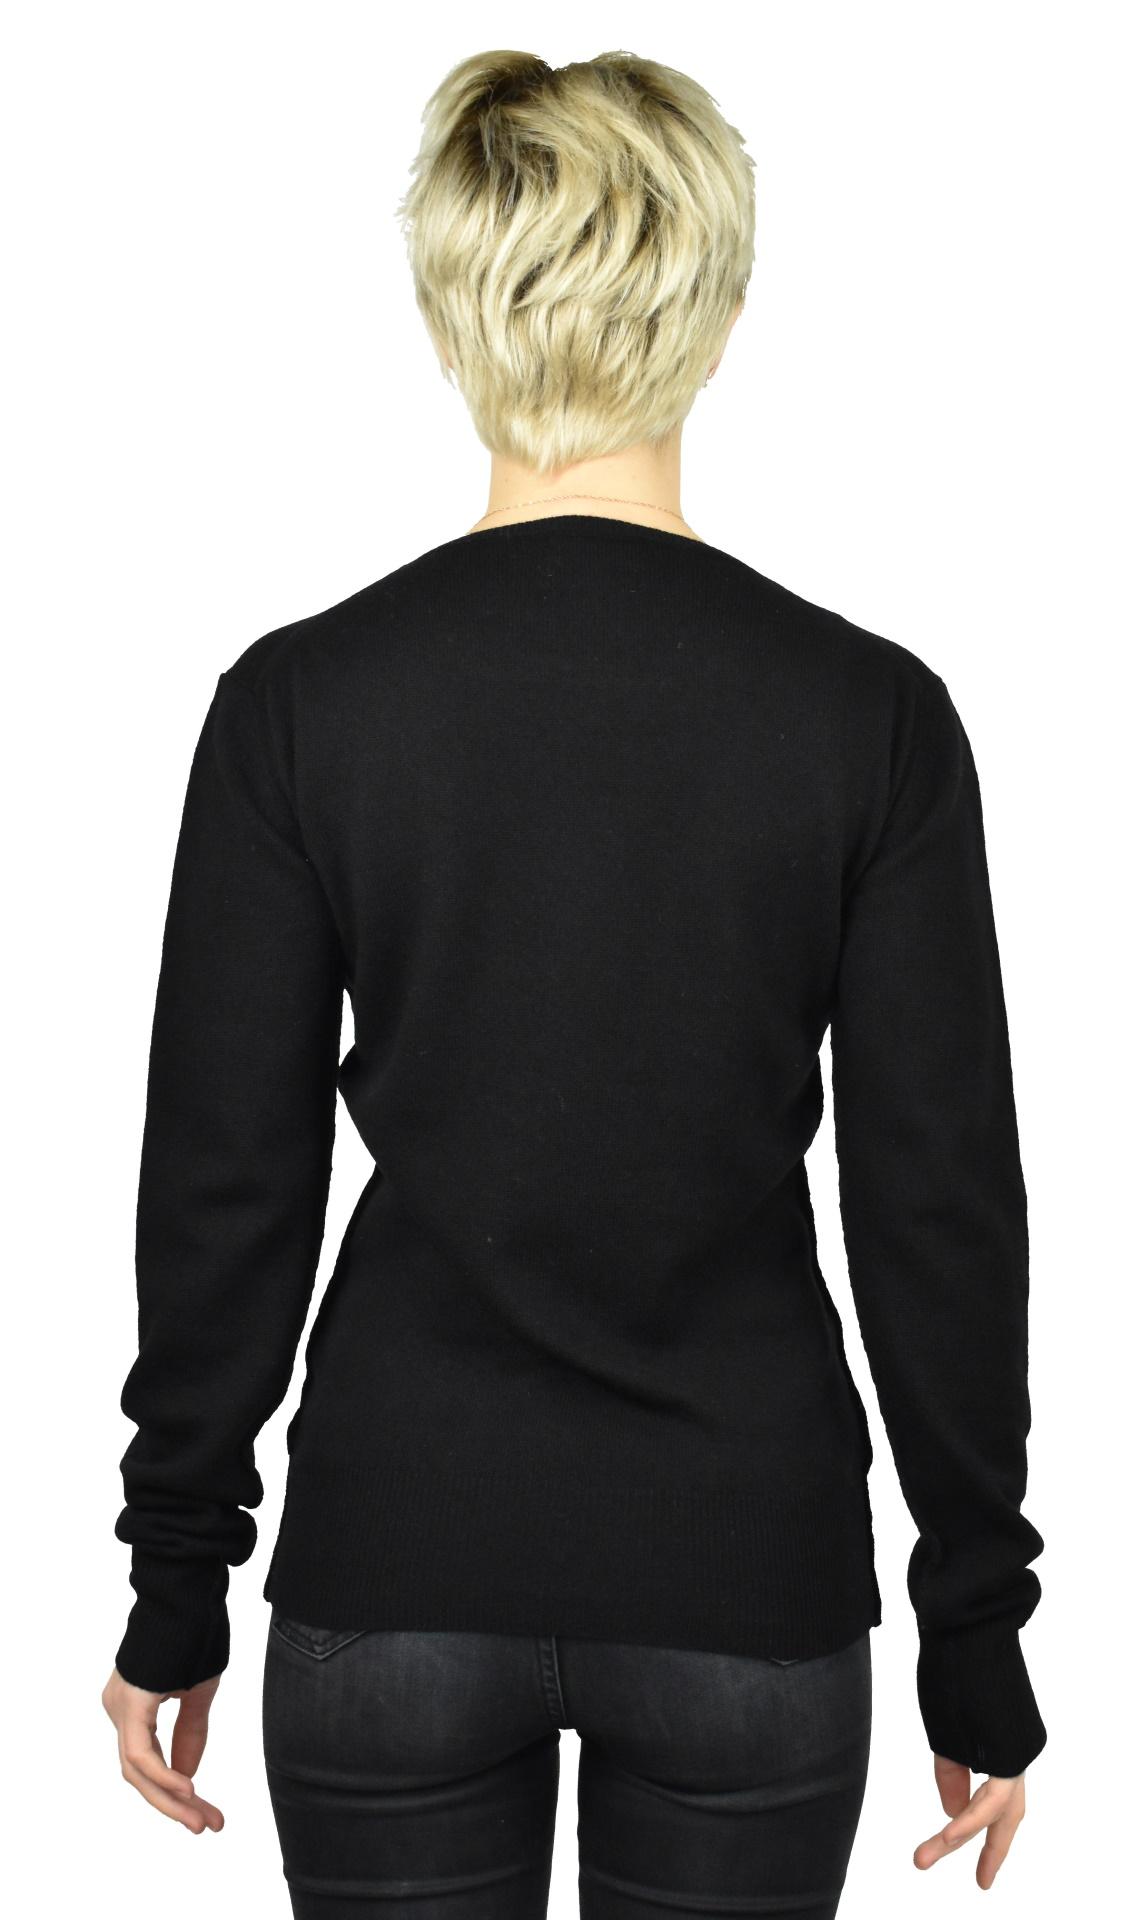 MAVISMBA NERO MAGLIA DONNA GIROCOLLO 100 CASHMERE MANICA LUNGA 1 1stAmerican maglia girocollo 100% puro cashmere Made in Italy da donna con lavorazione traforata - finezza 12